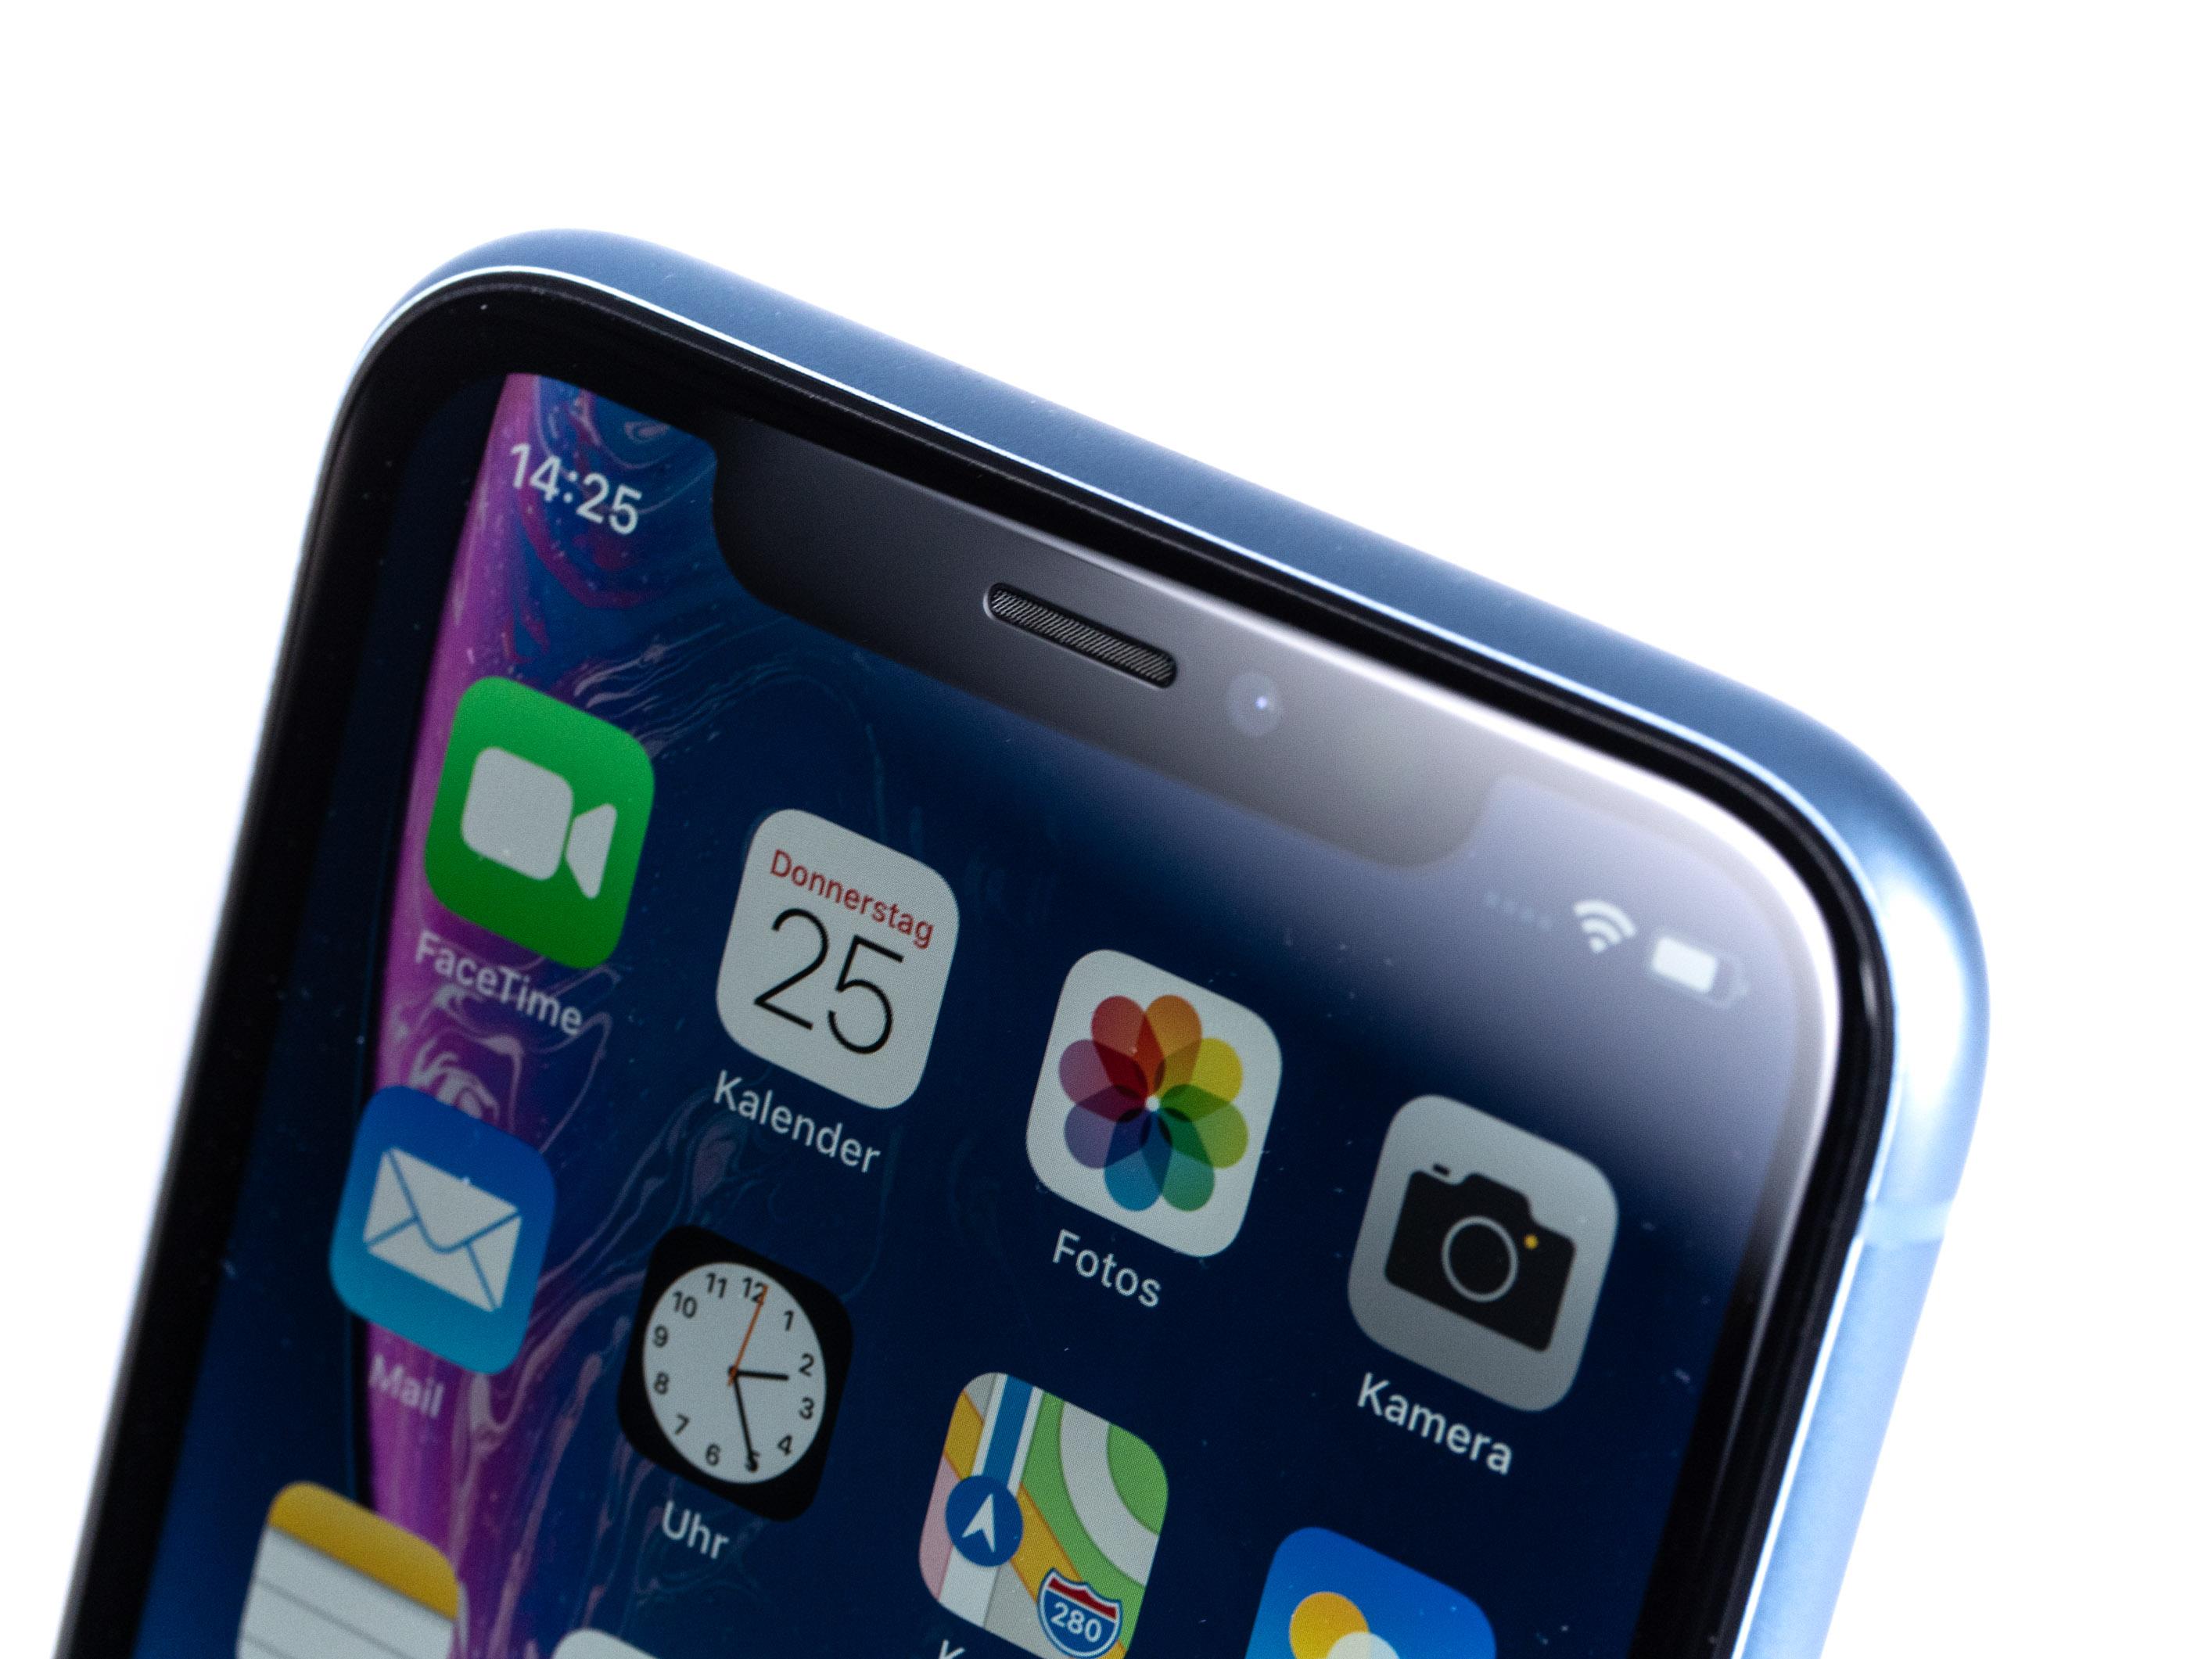 iPhone Xr im Test: Apples günstigeres iPhone ist nicht günstig - Wie die anderen iPhones der X-Reihe hat aus das iPhone Xr eine Notch, in der die Frontkamera und Face-ID-Technik untergebracht sind. (Bild: Martin Wolf/Golem.de)